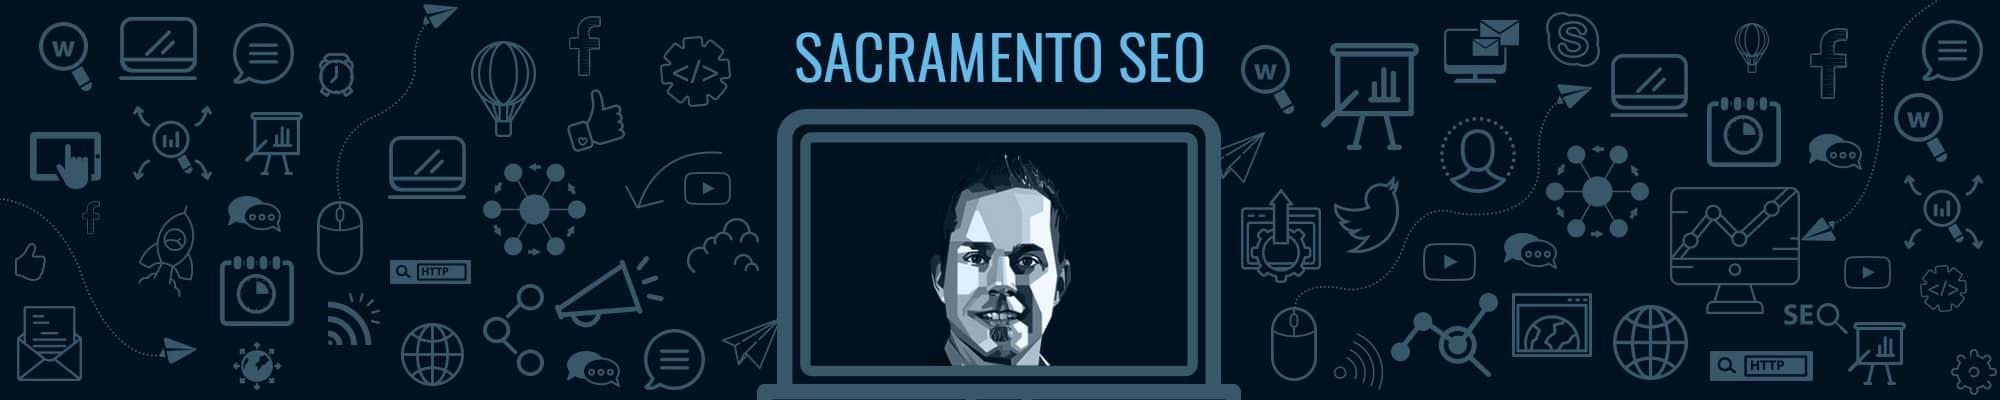 Sacramento SEO Services